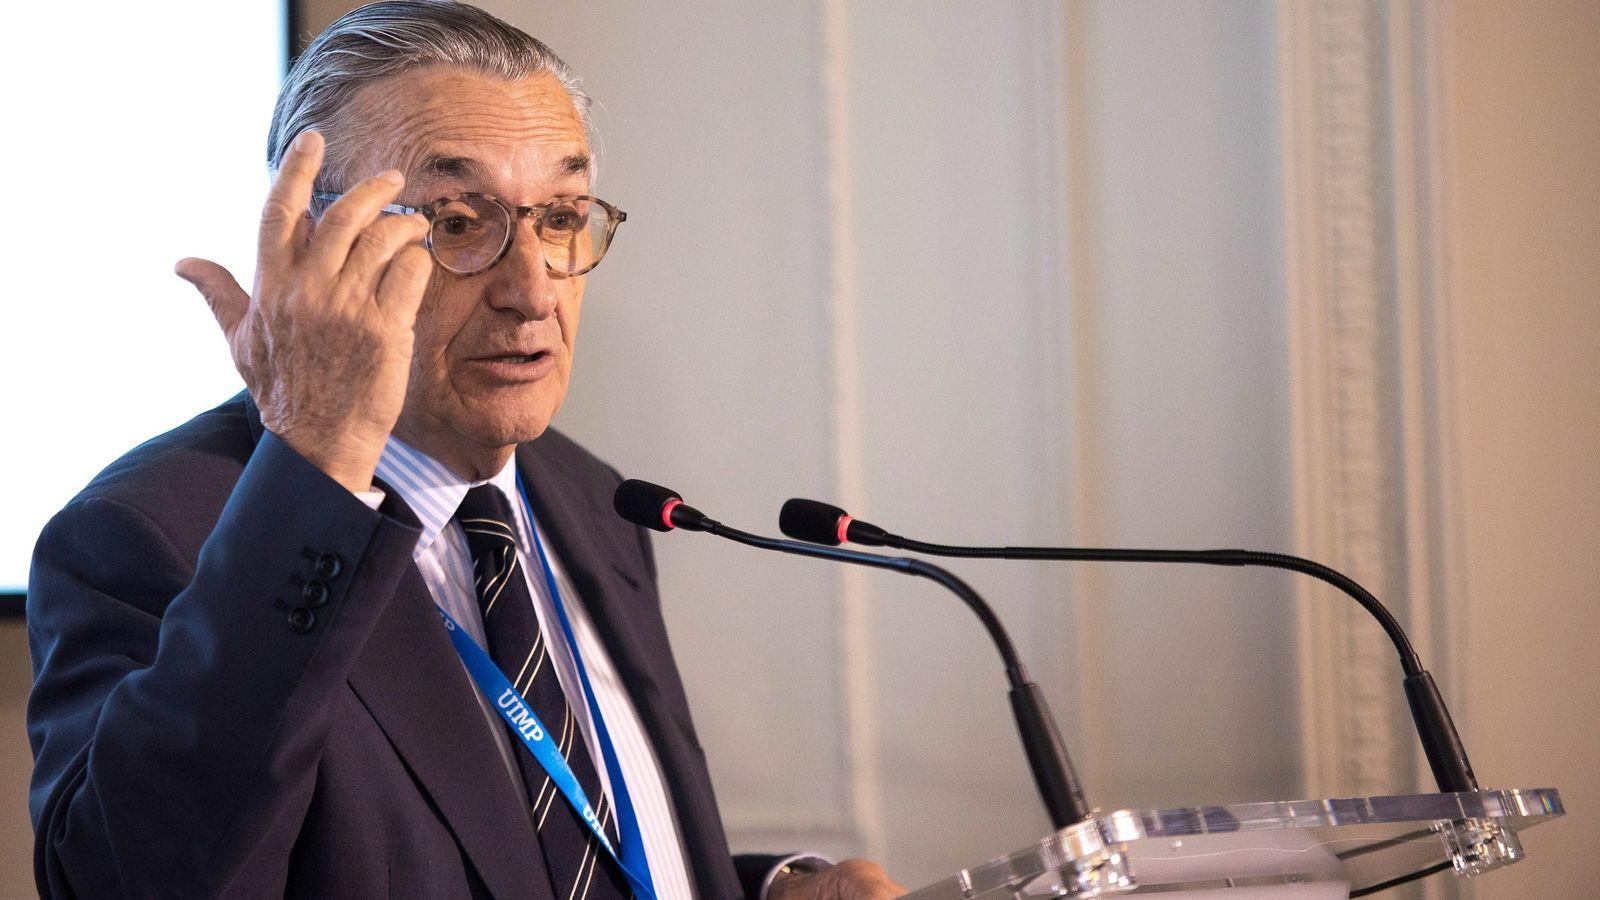 Foto: Marín Quemada, presidente de la CNMC. (Efe)